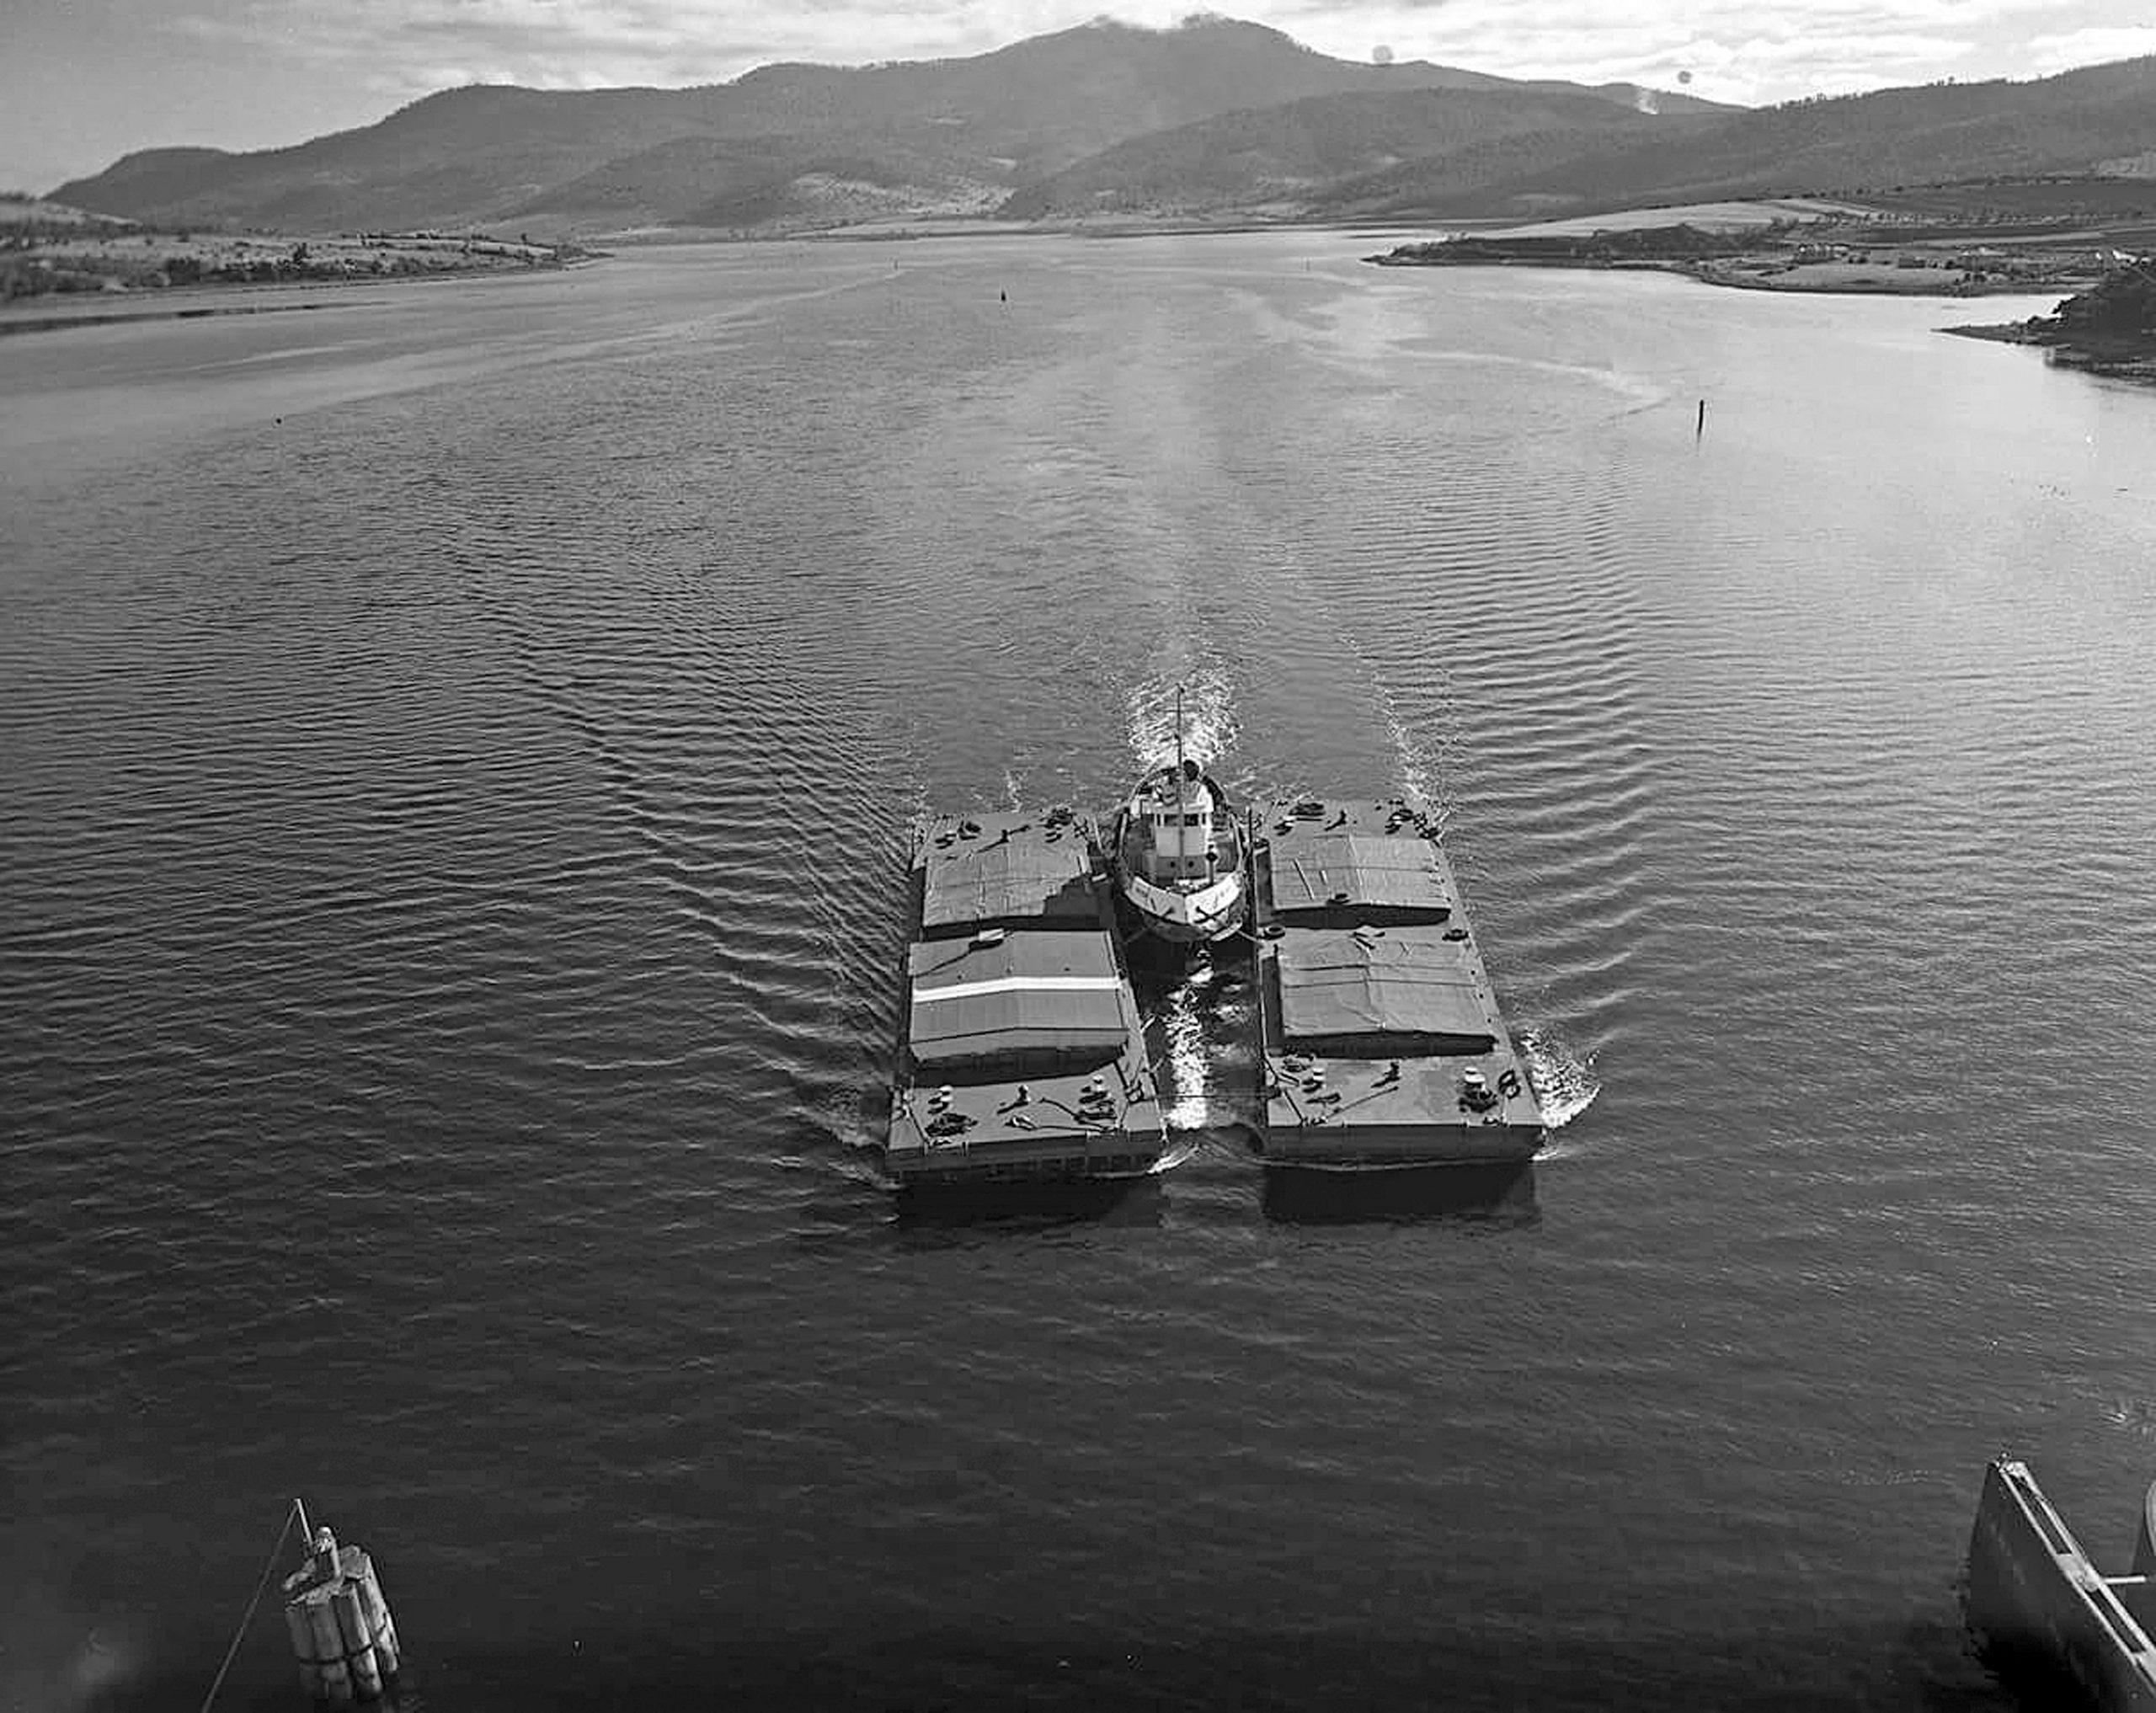 Barges or lighters on River Derwent in Tasmania